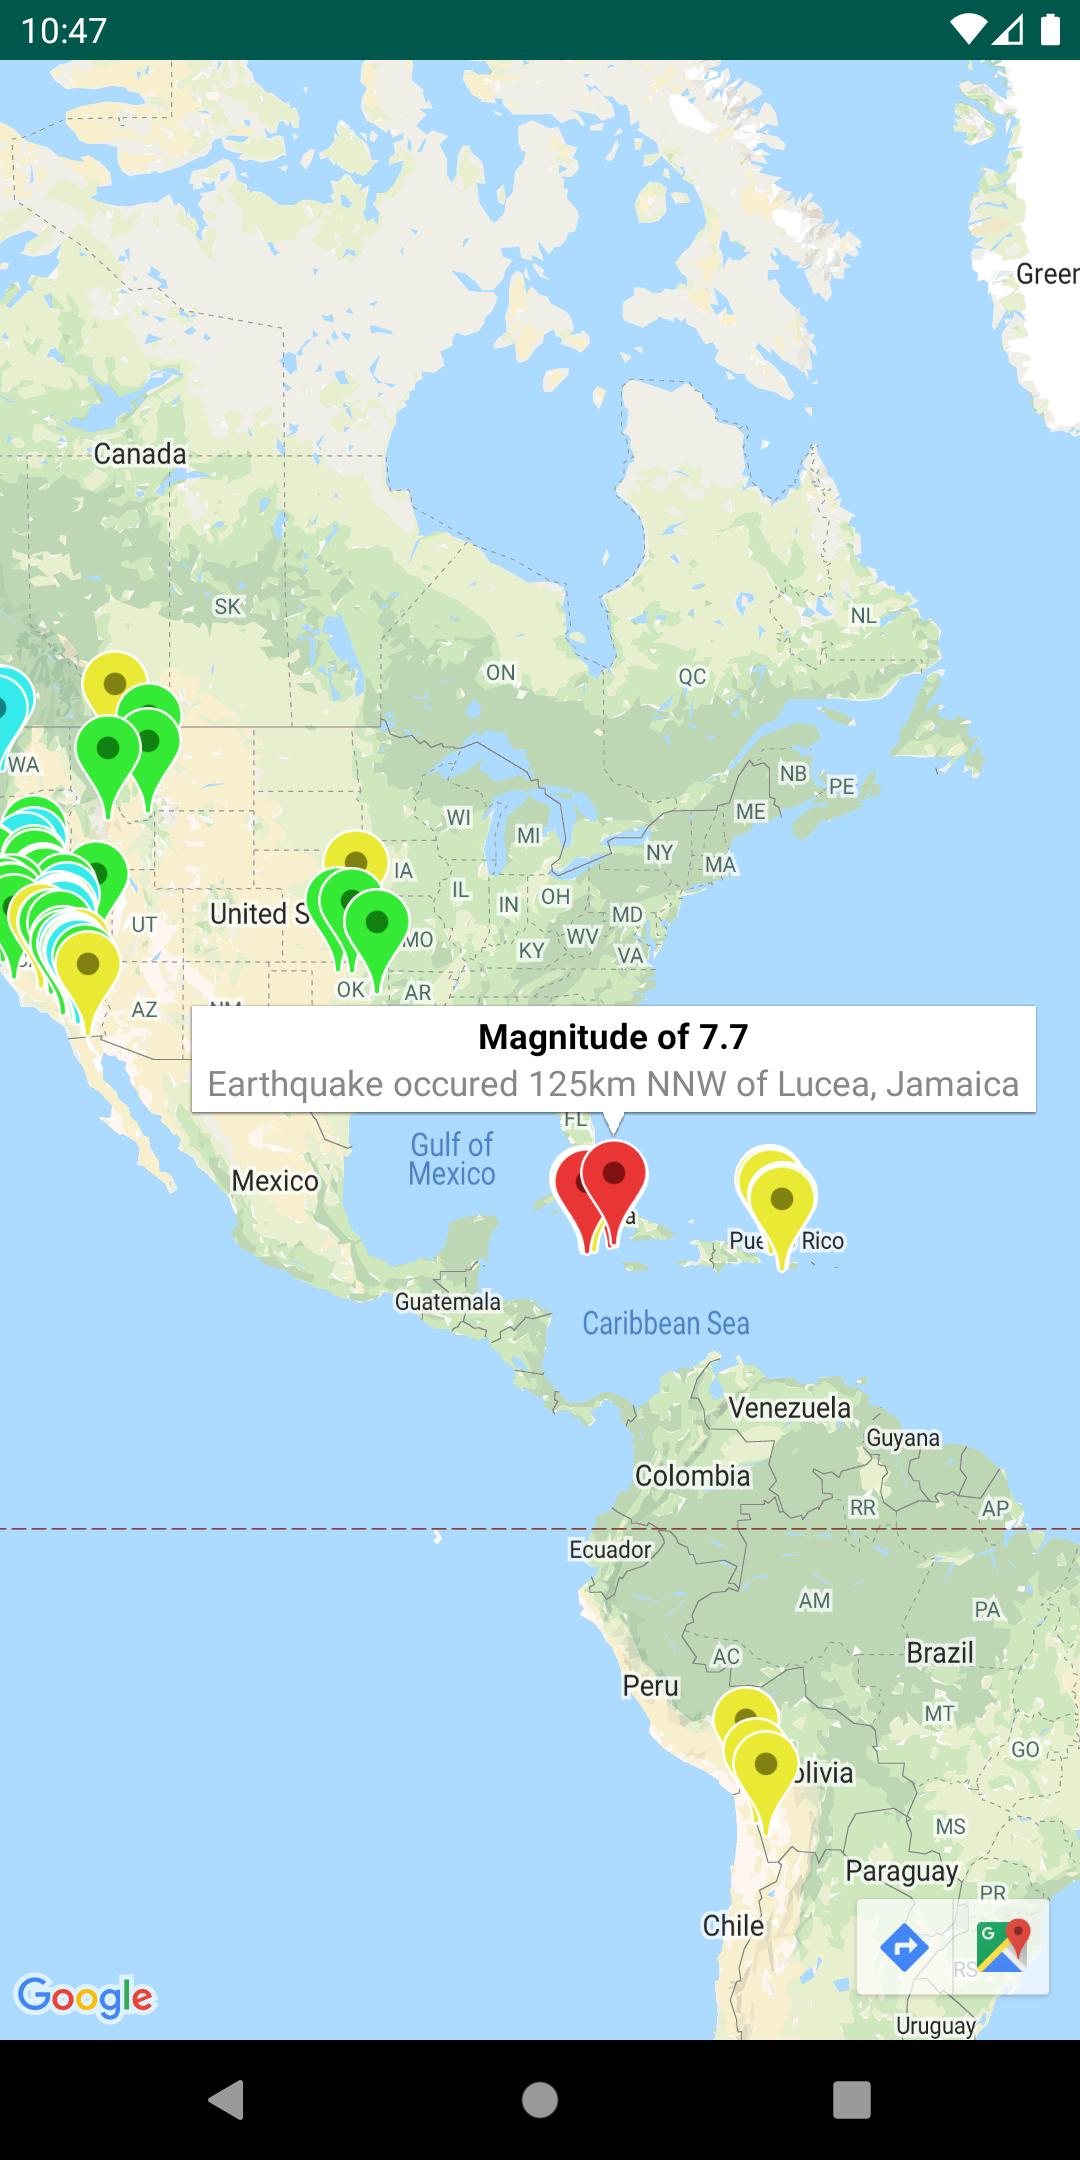 使用 GeoJSON 圖層的地圖